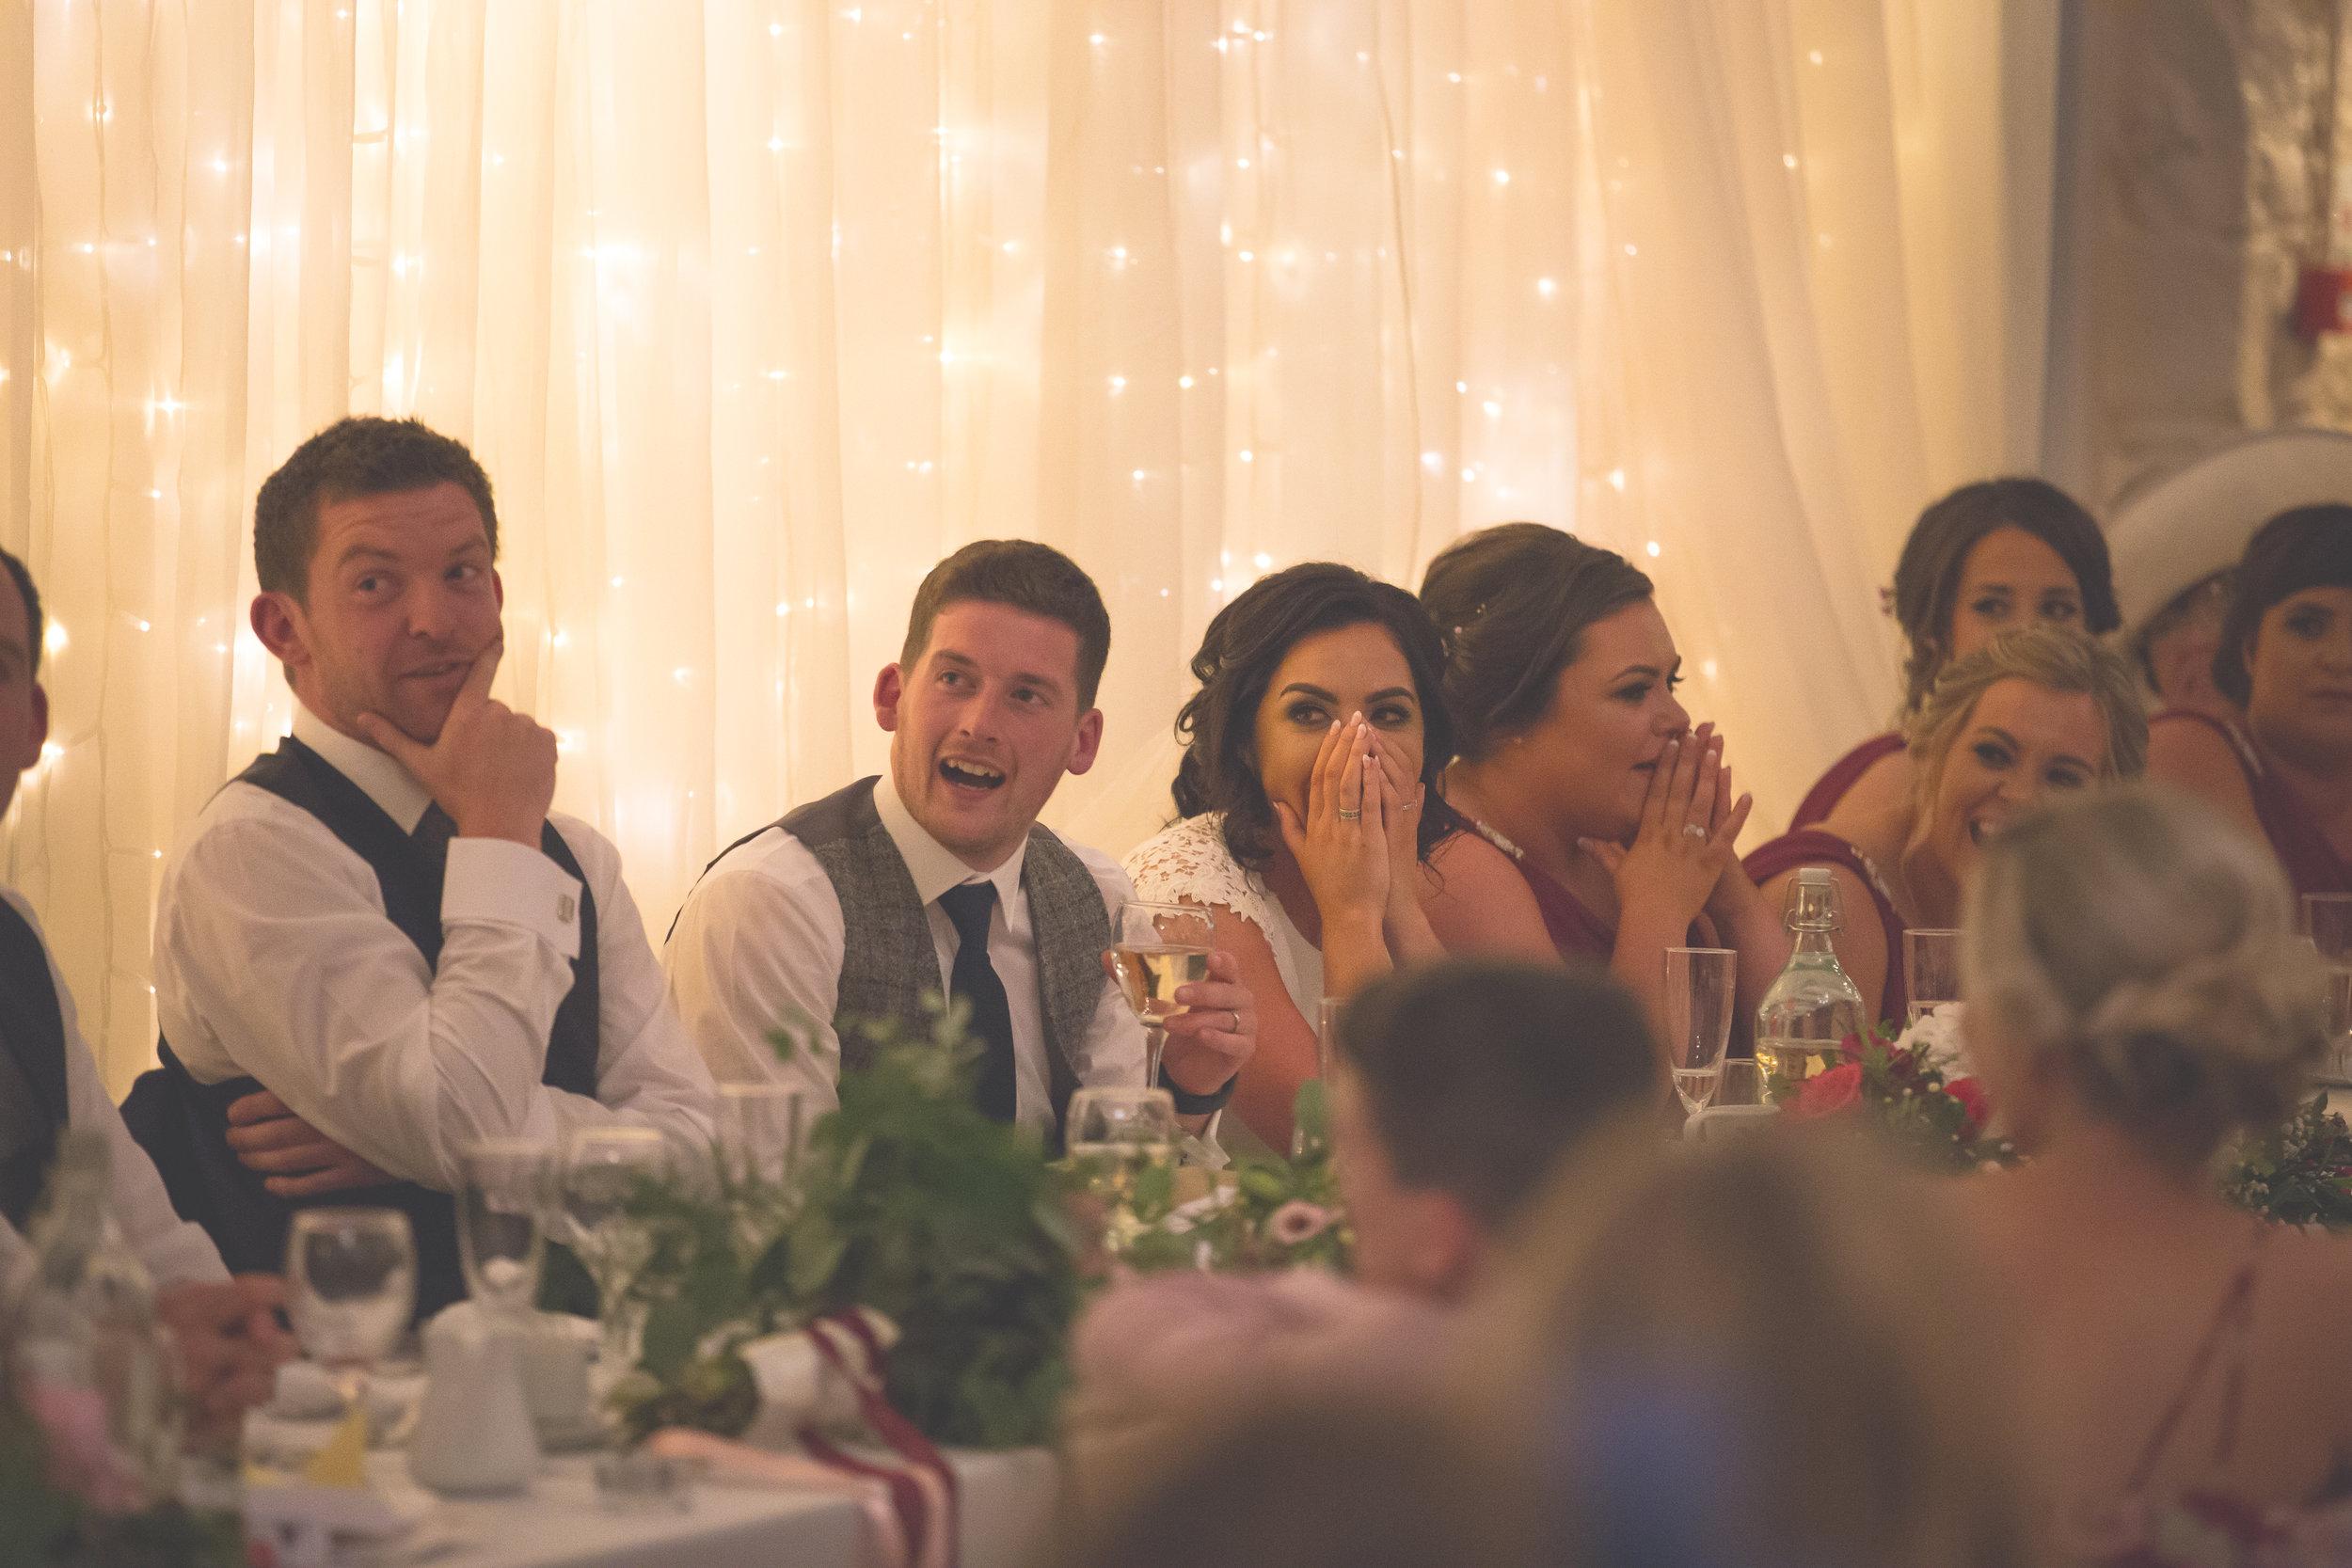 Brian McEwan Wedding Photography | Carol-Anne & Sean | The Speeches-113.jpg